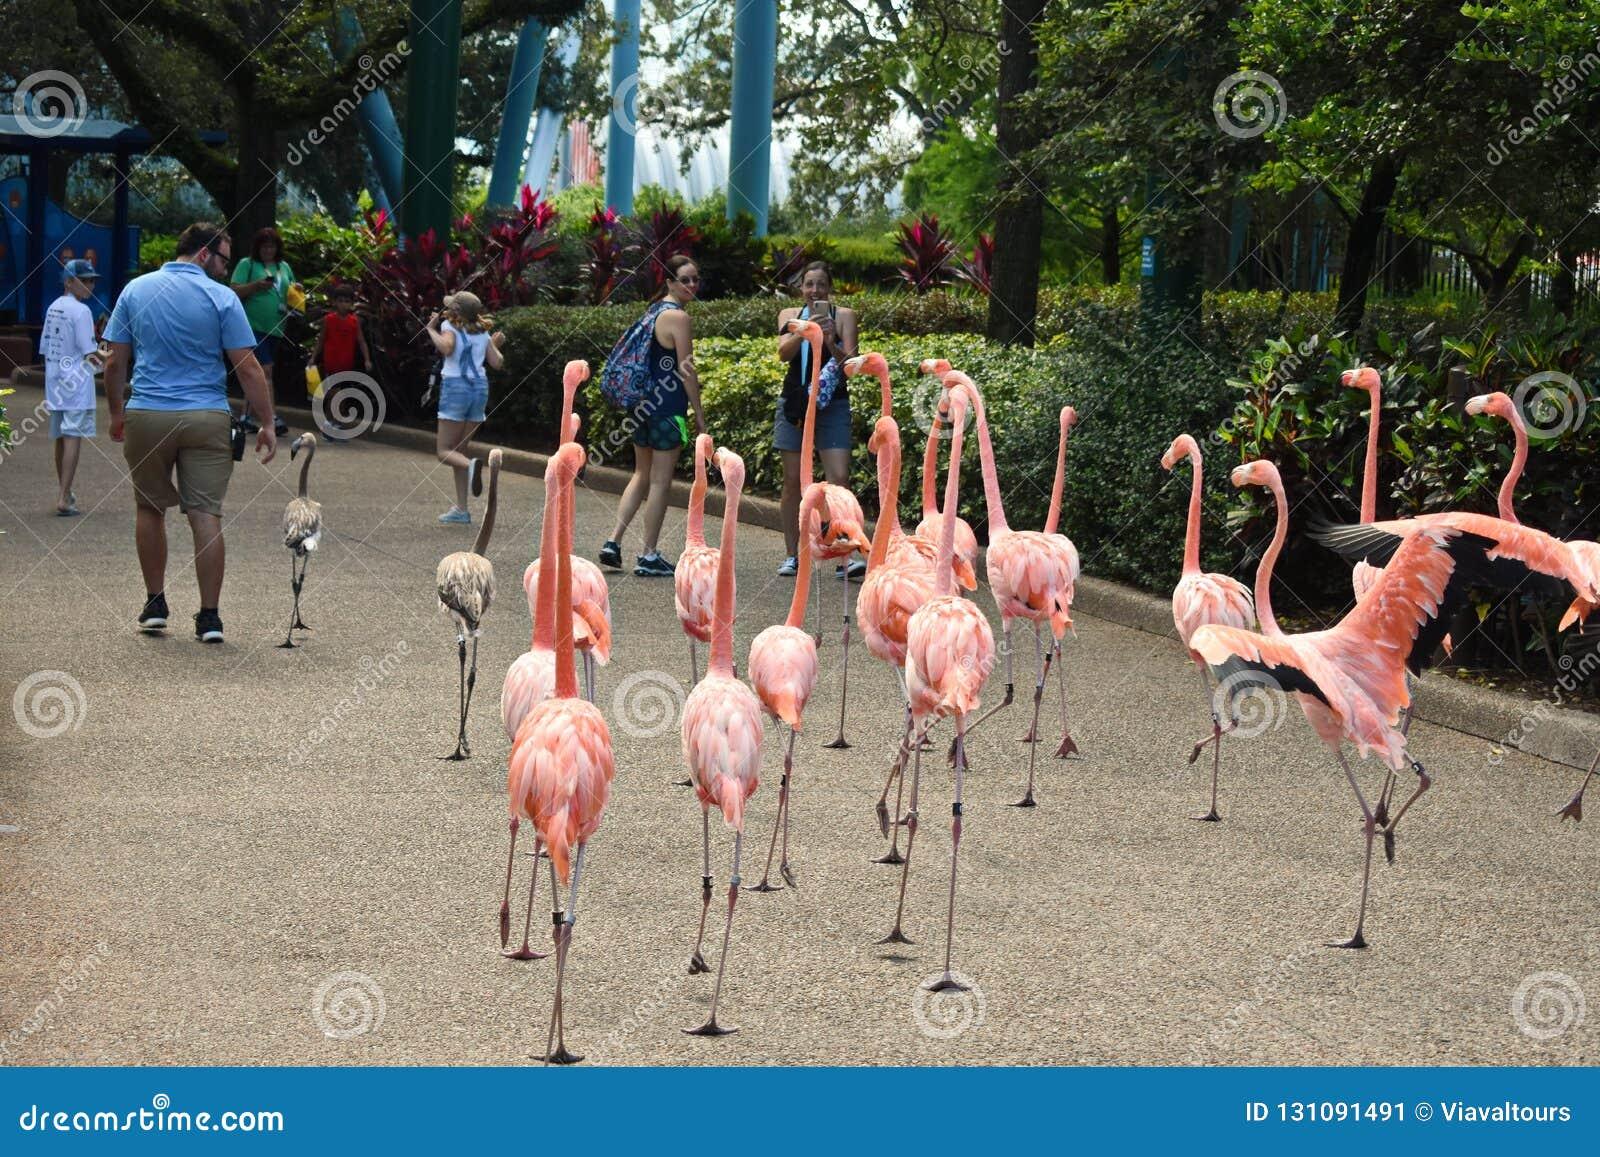 Κορίτσια που παίρνουν τις εικόνες των φλαμίγκο που περπατούν μεταξύ των ανθρώπων στο θεματικό πάρκο Seaworld